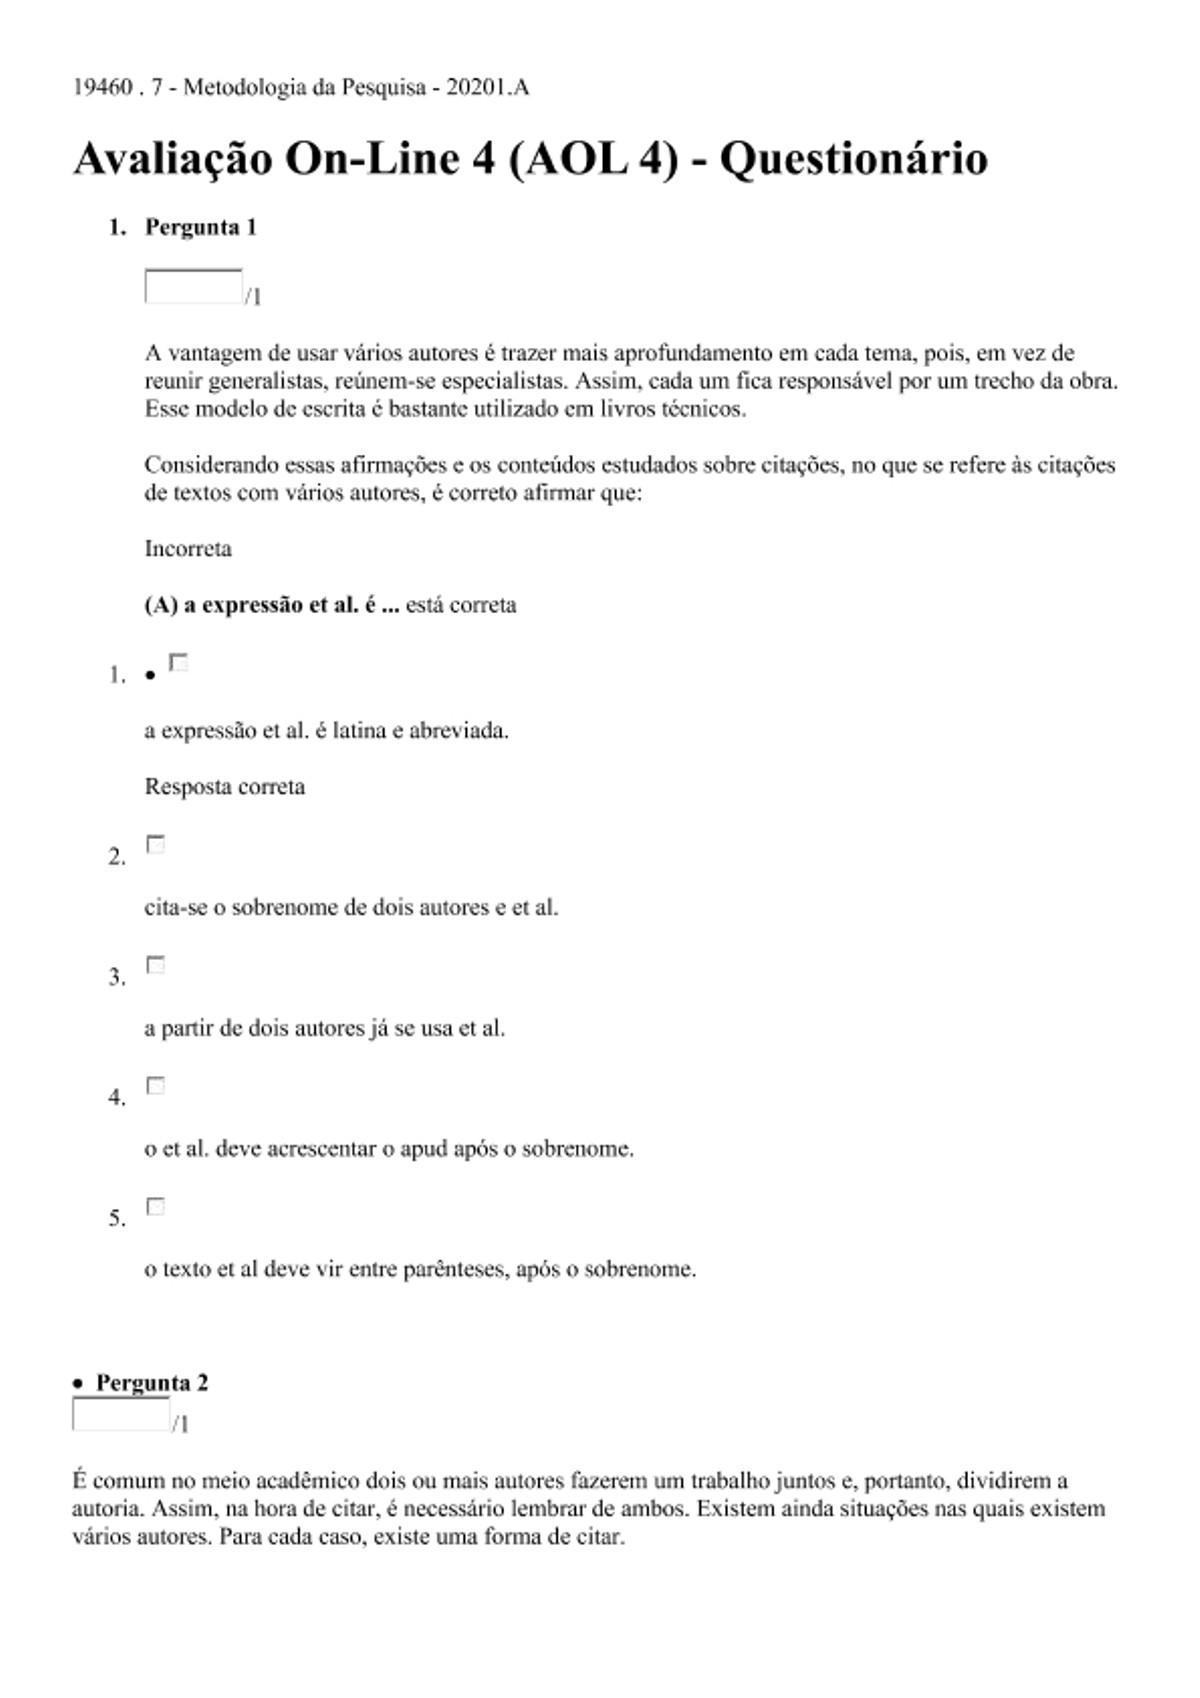 Pre-visualização do material Avaliação On-Line 3 (AOL 3) - Metodologia da Pesquisa - página 1